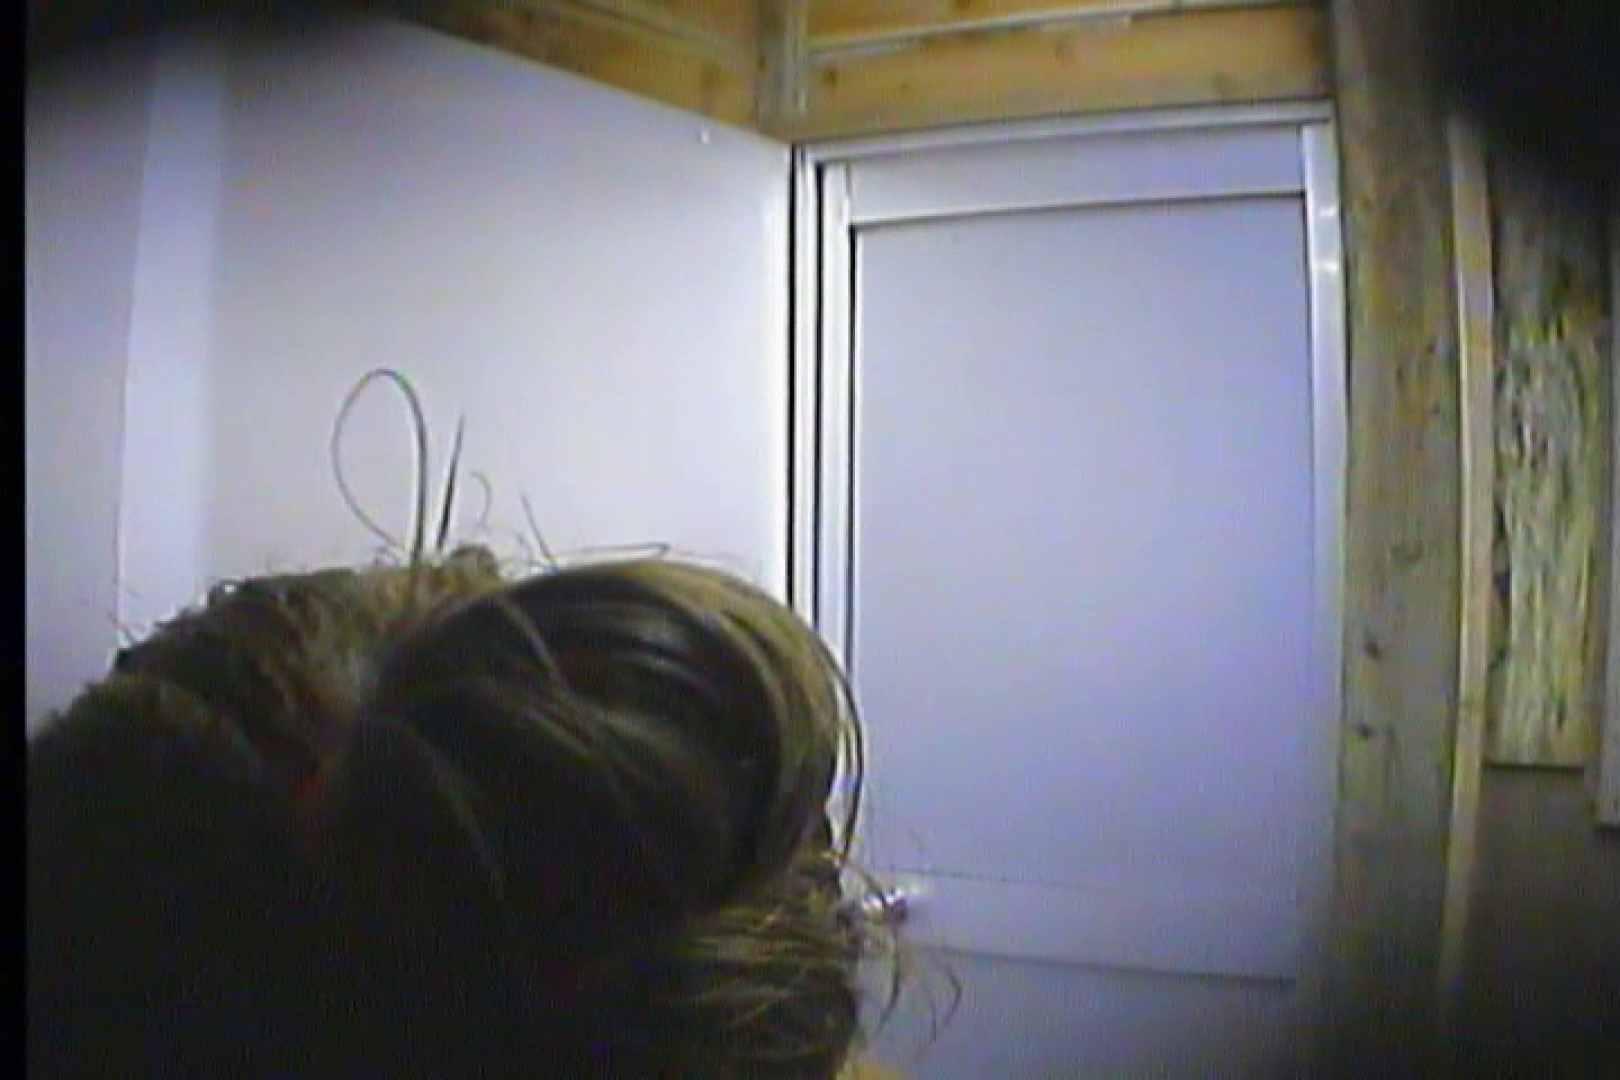 海の家の更衣室 Vol.20 OL | シャワー中  54連発 19